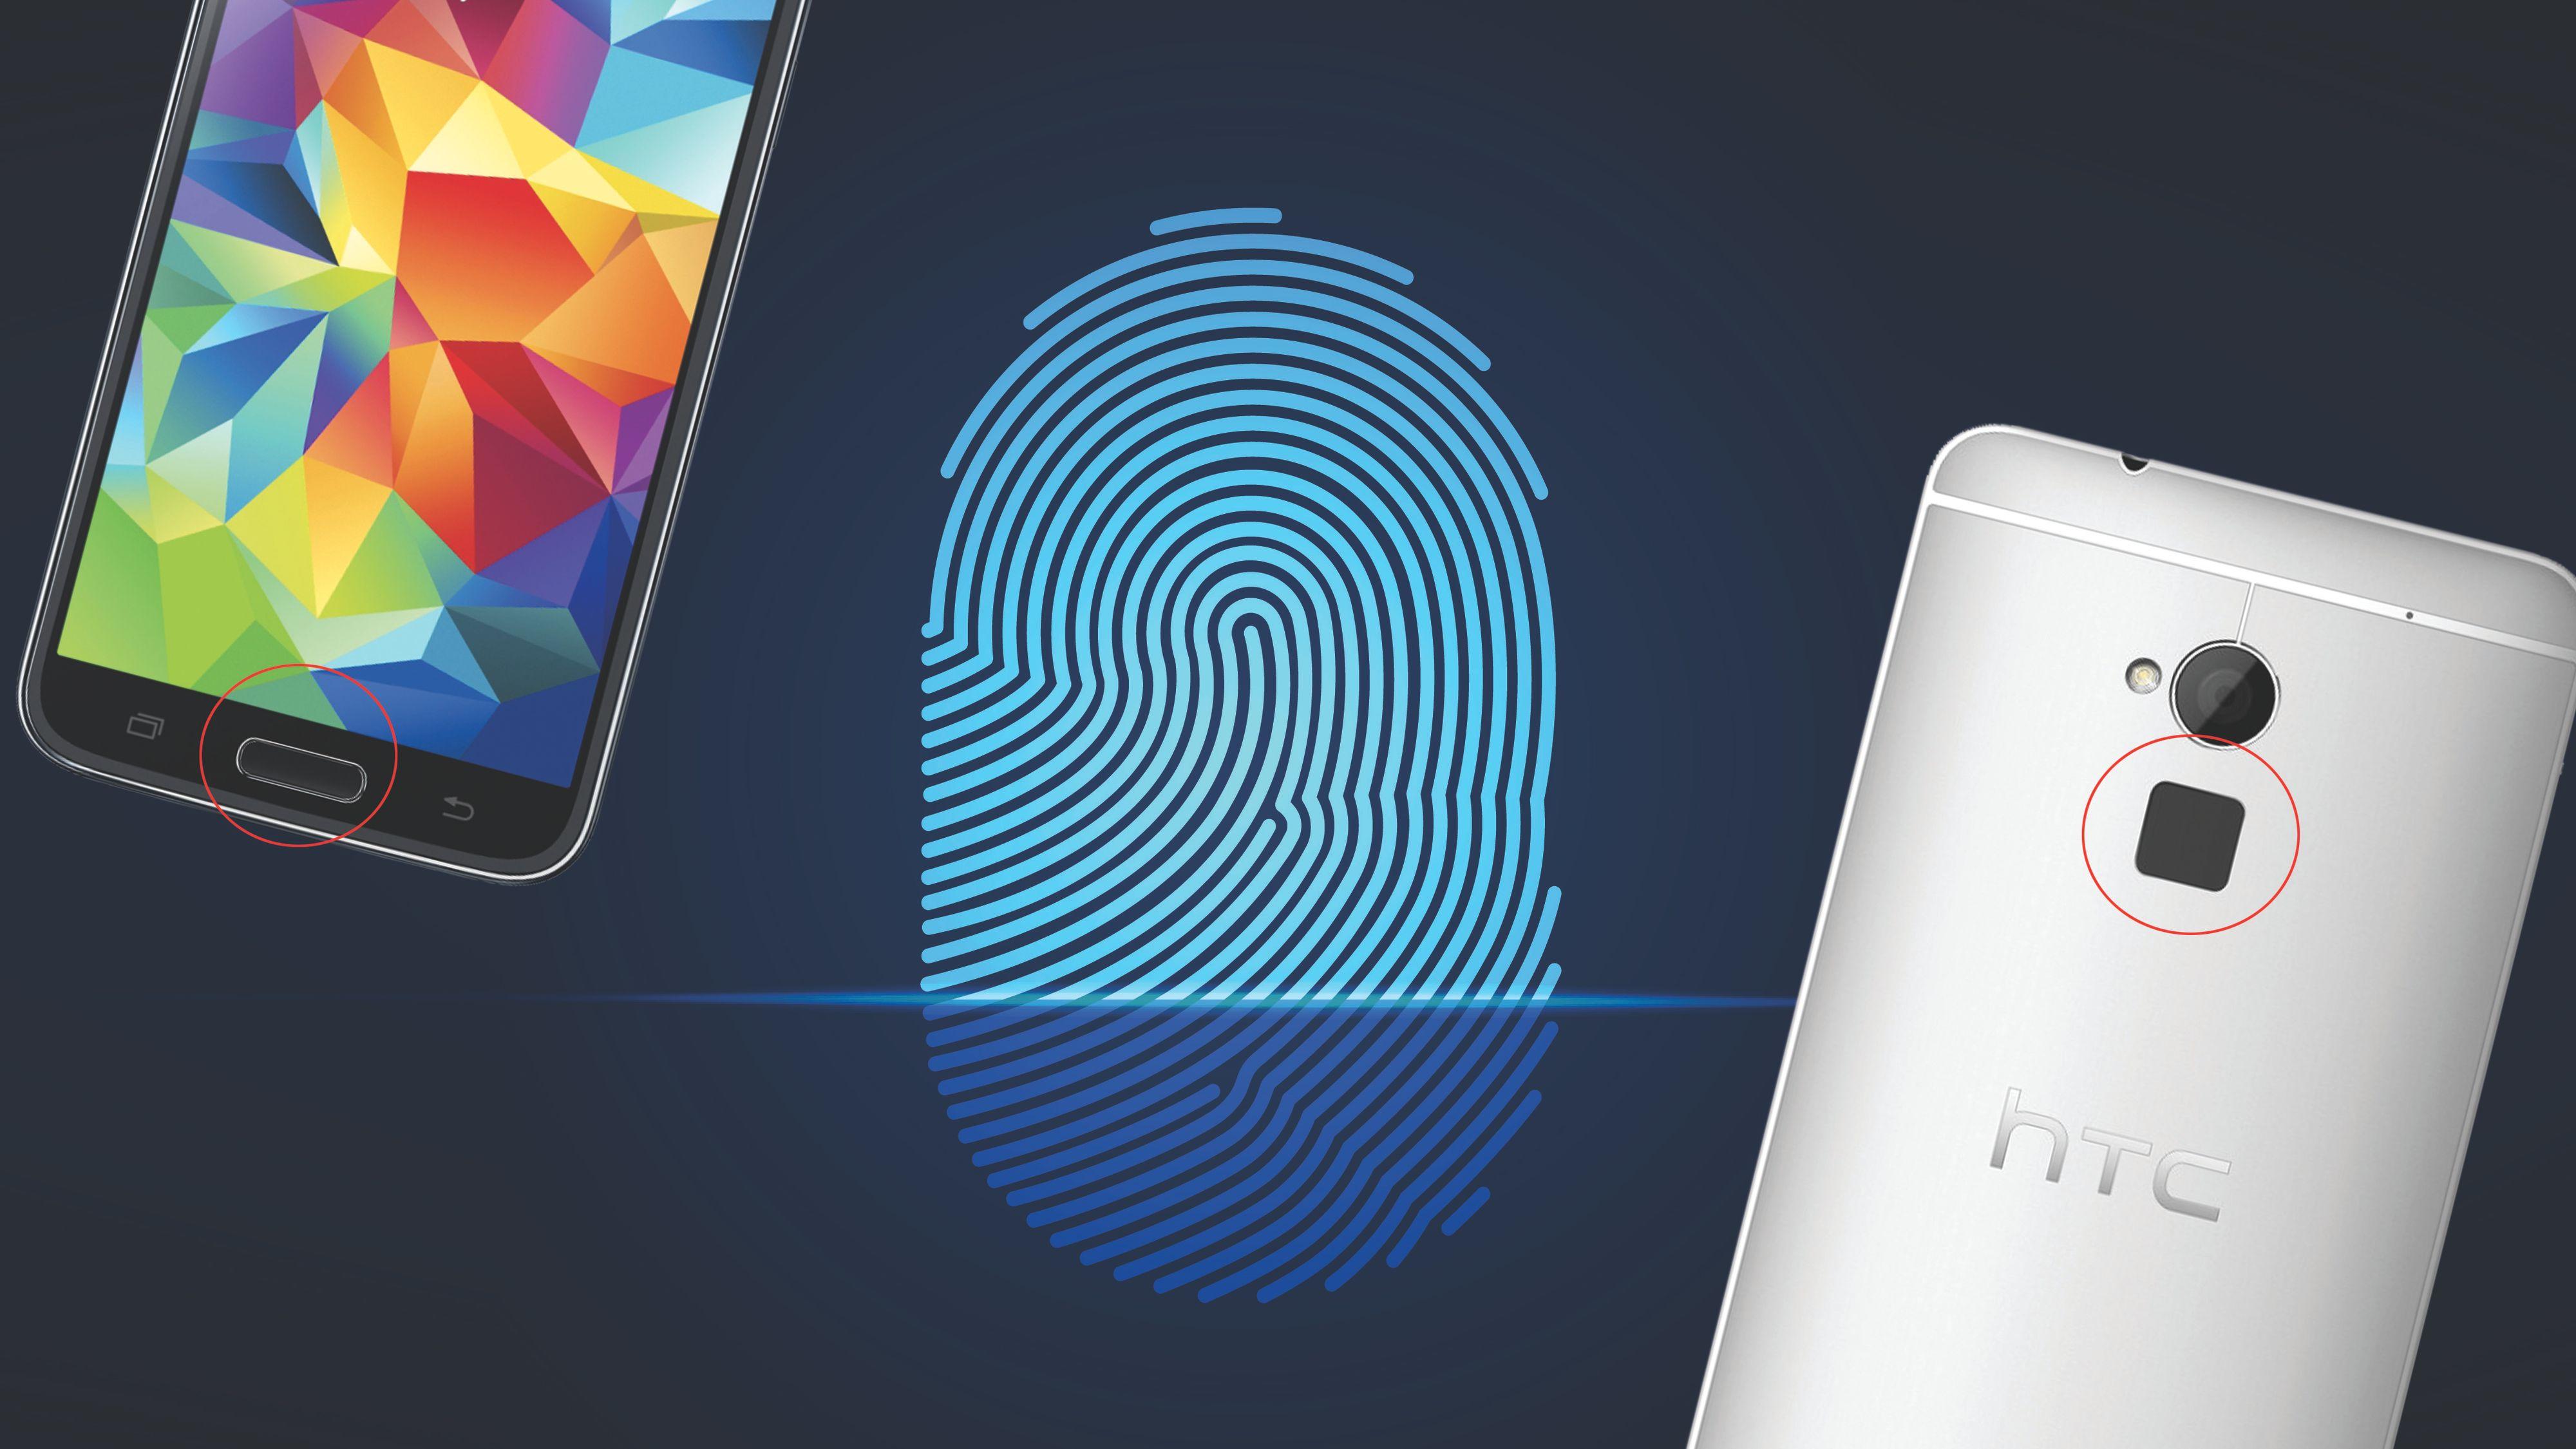 Hackere stjal fingeravtrykk rett fra mobilsensoren